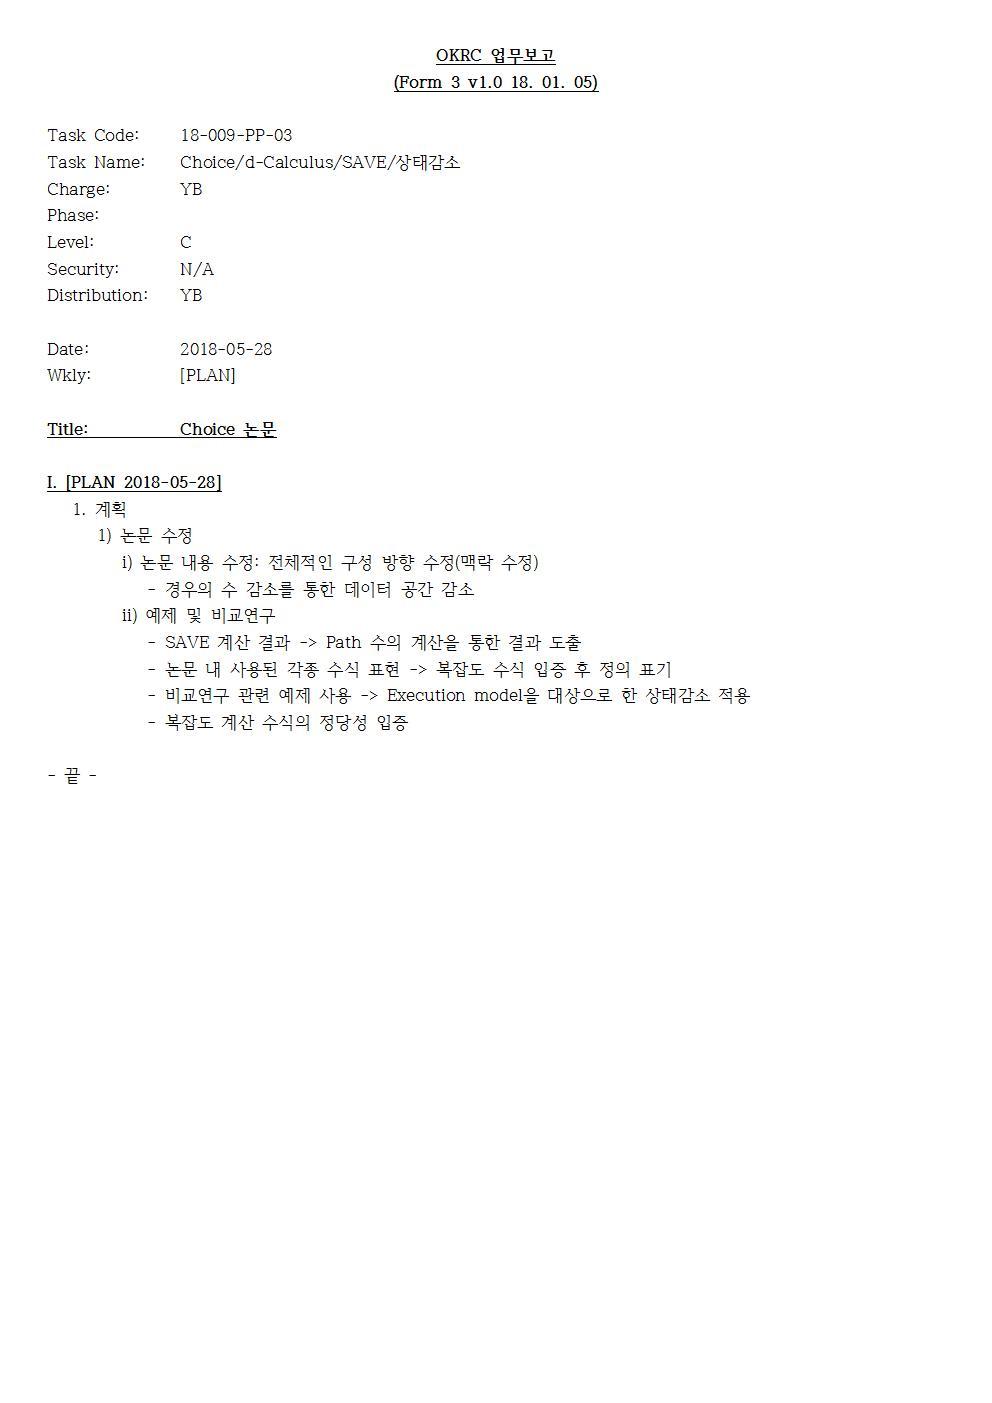 D-[18-009-PP-03]-[Choice]-[2018-05-28][YB]001.jpg